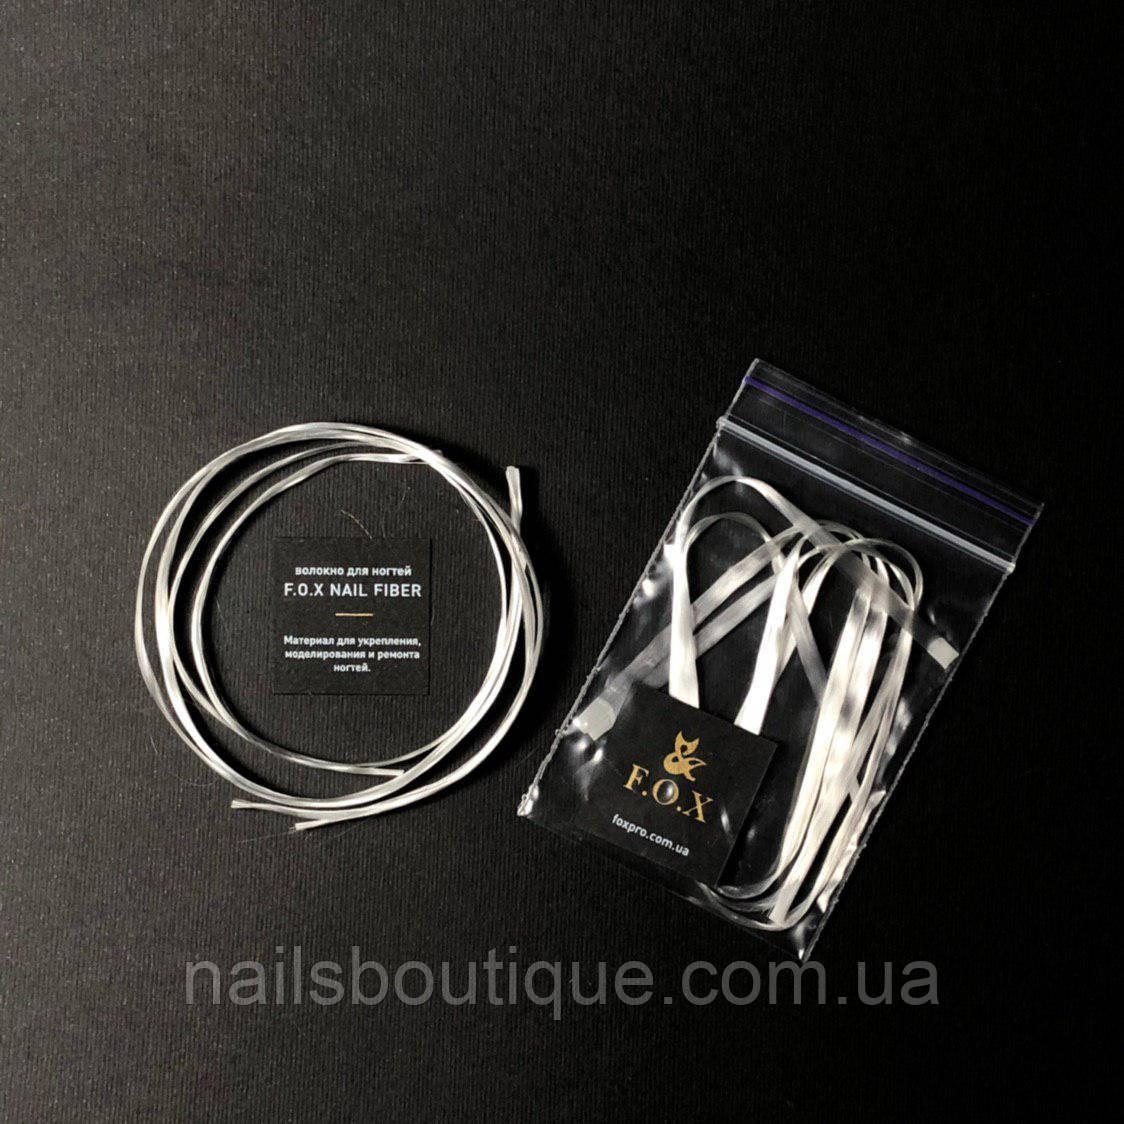 Стекловолокно для наращивания F.O.X Nail Fiber